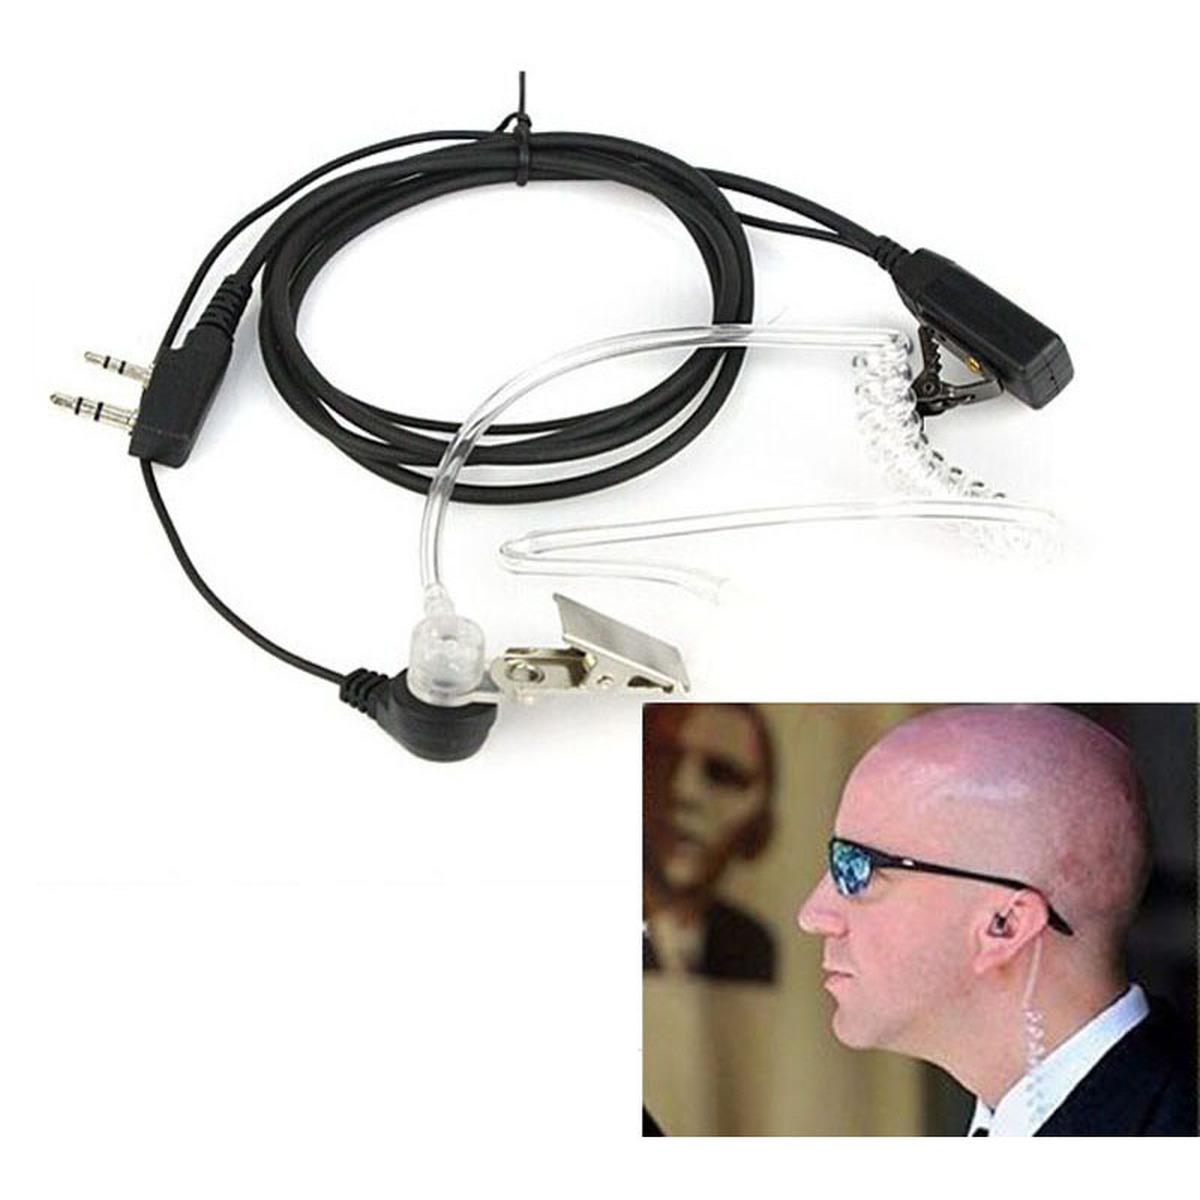 Auricular Motorola manos libres PMLN6530A tipo escolta